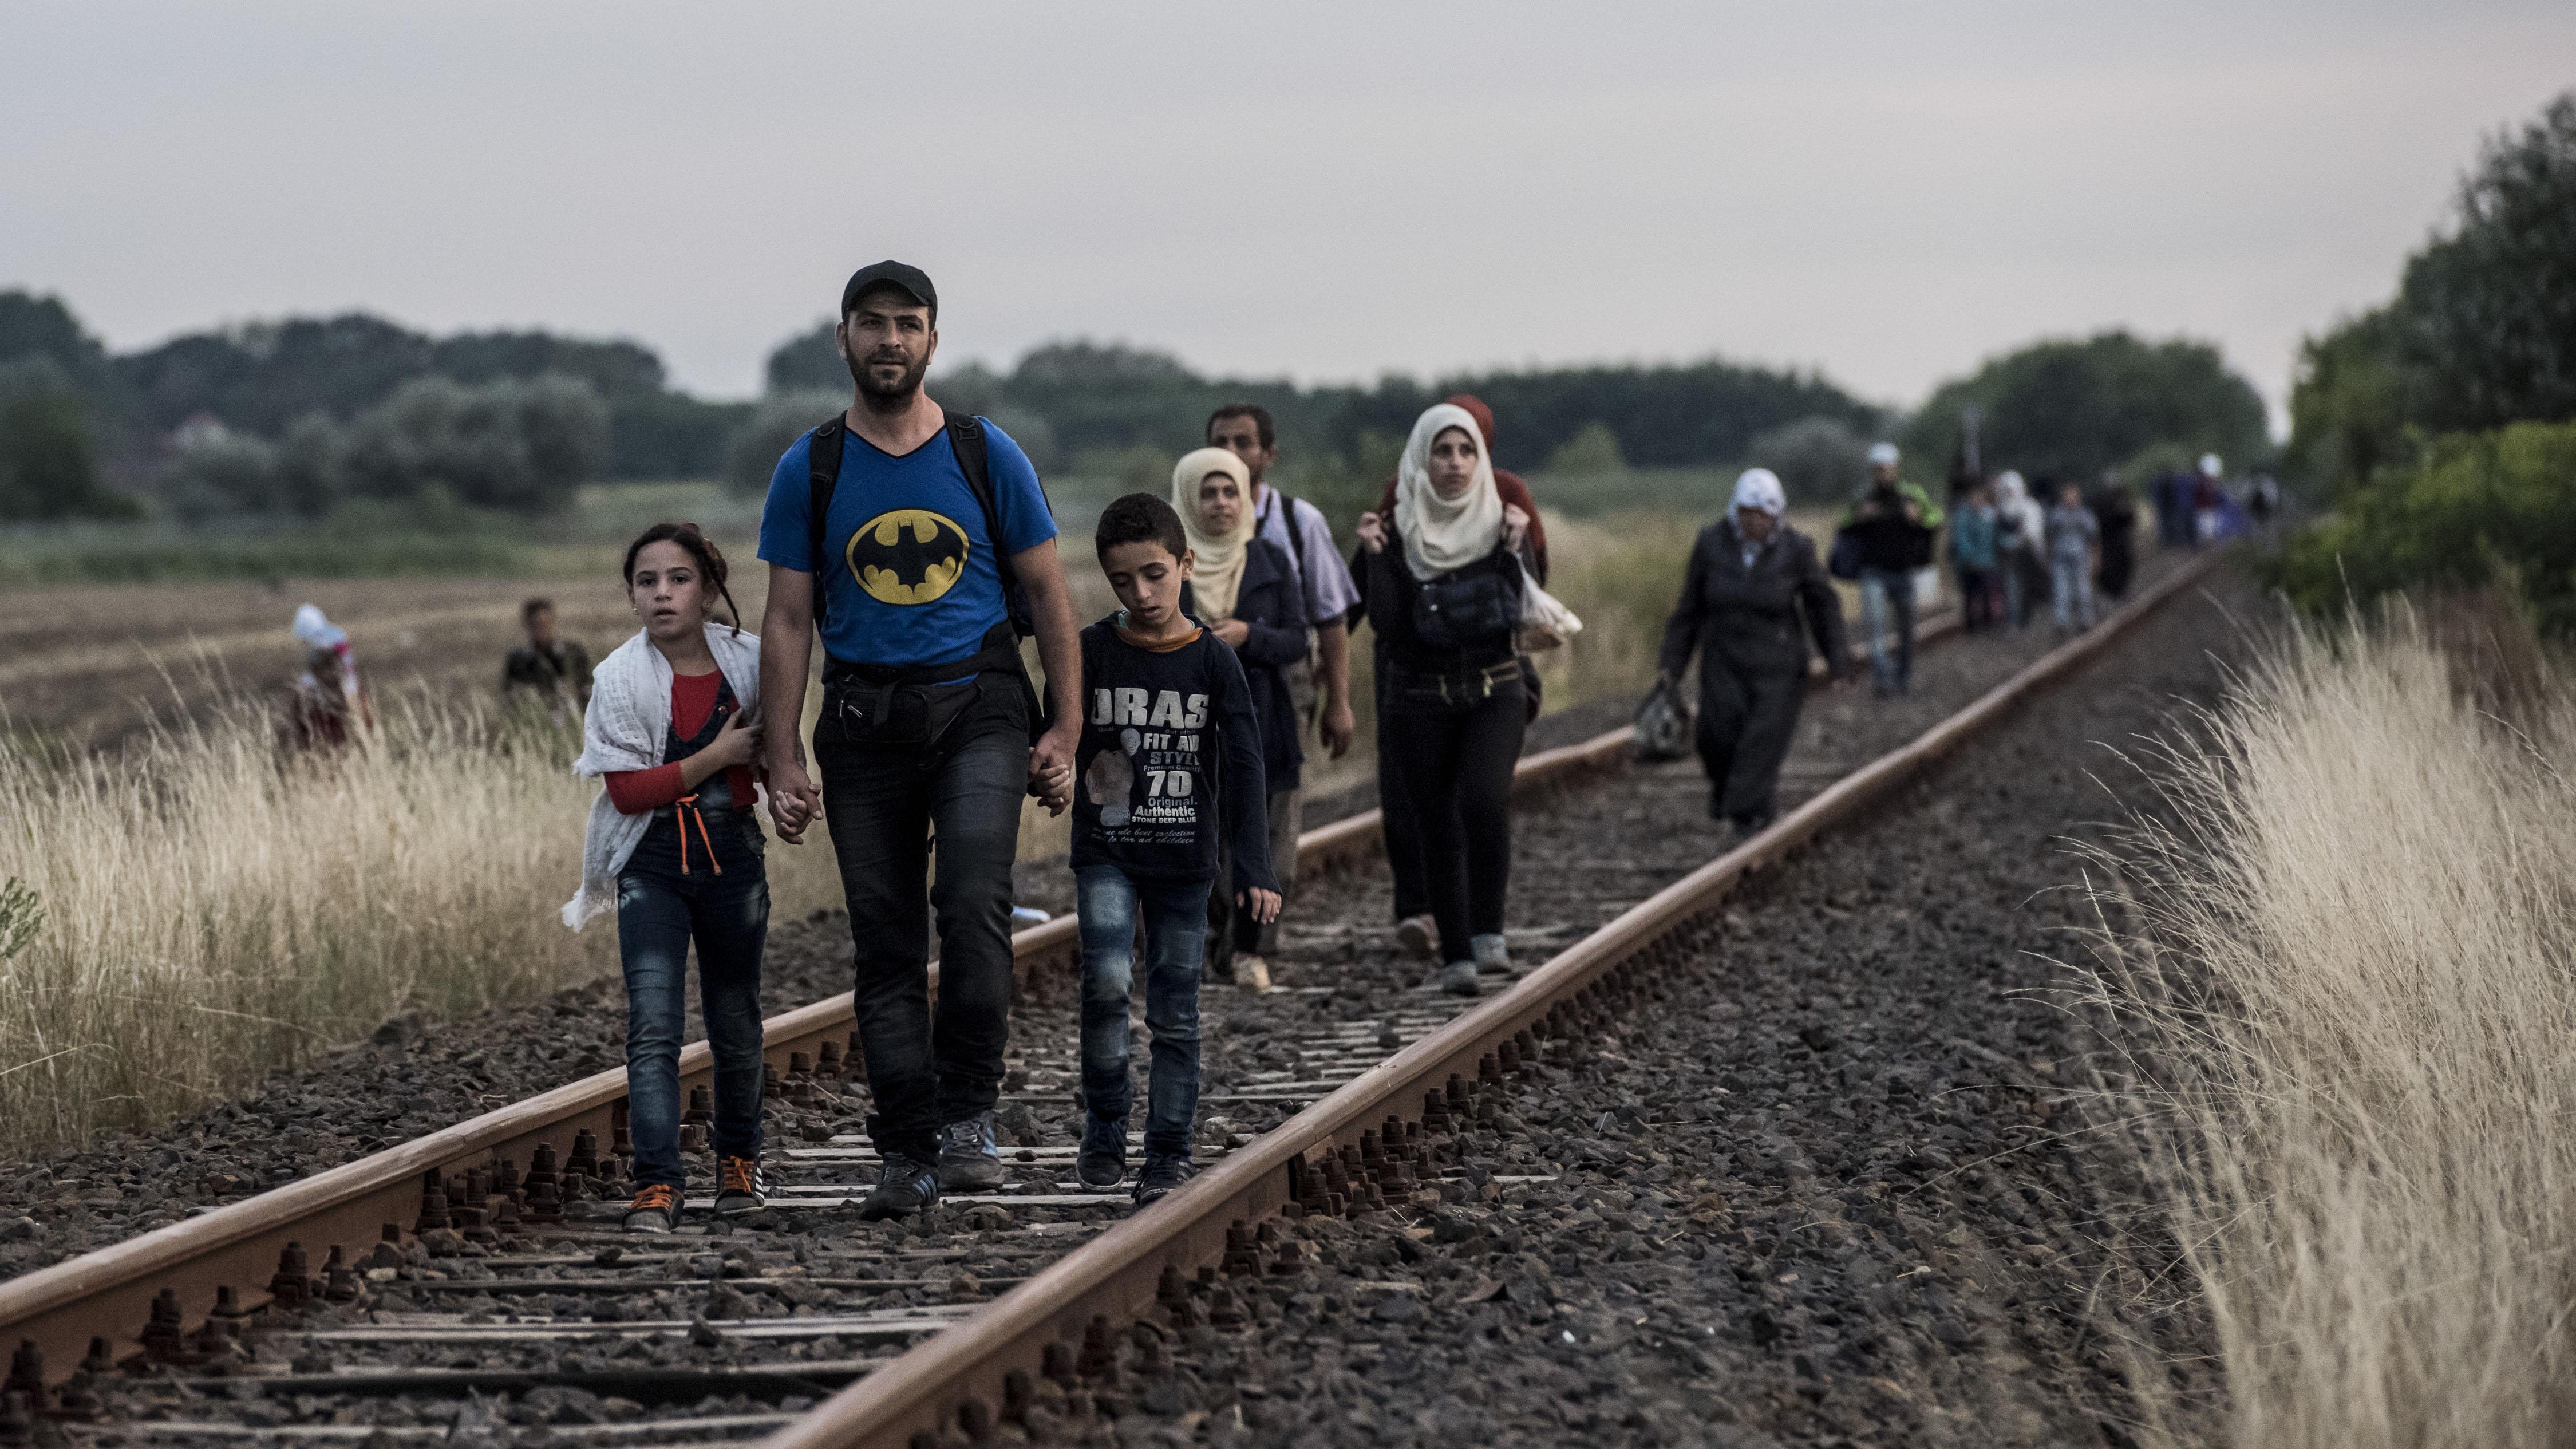 العراق يبلغ الاتحاد الاوروبي رفضه العودة القسرية للاجئين